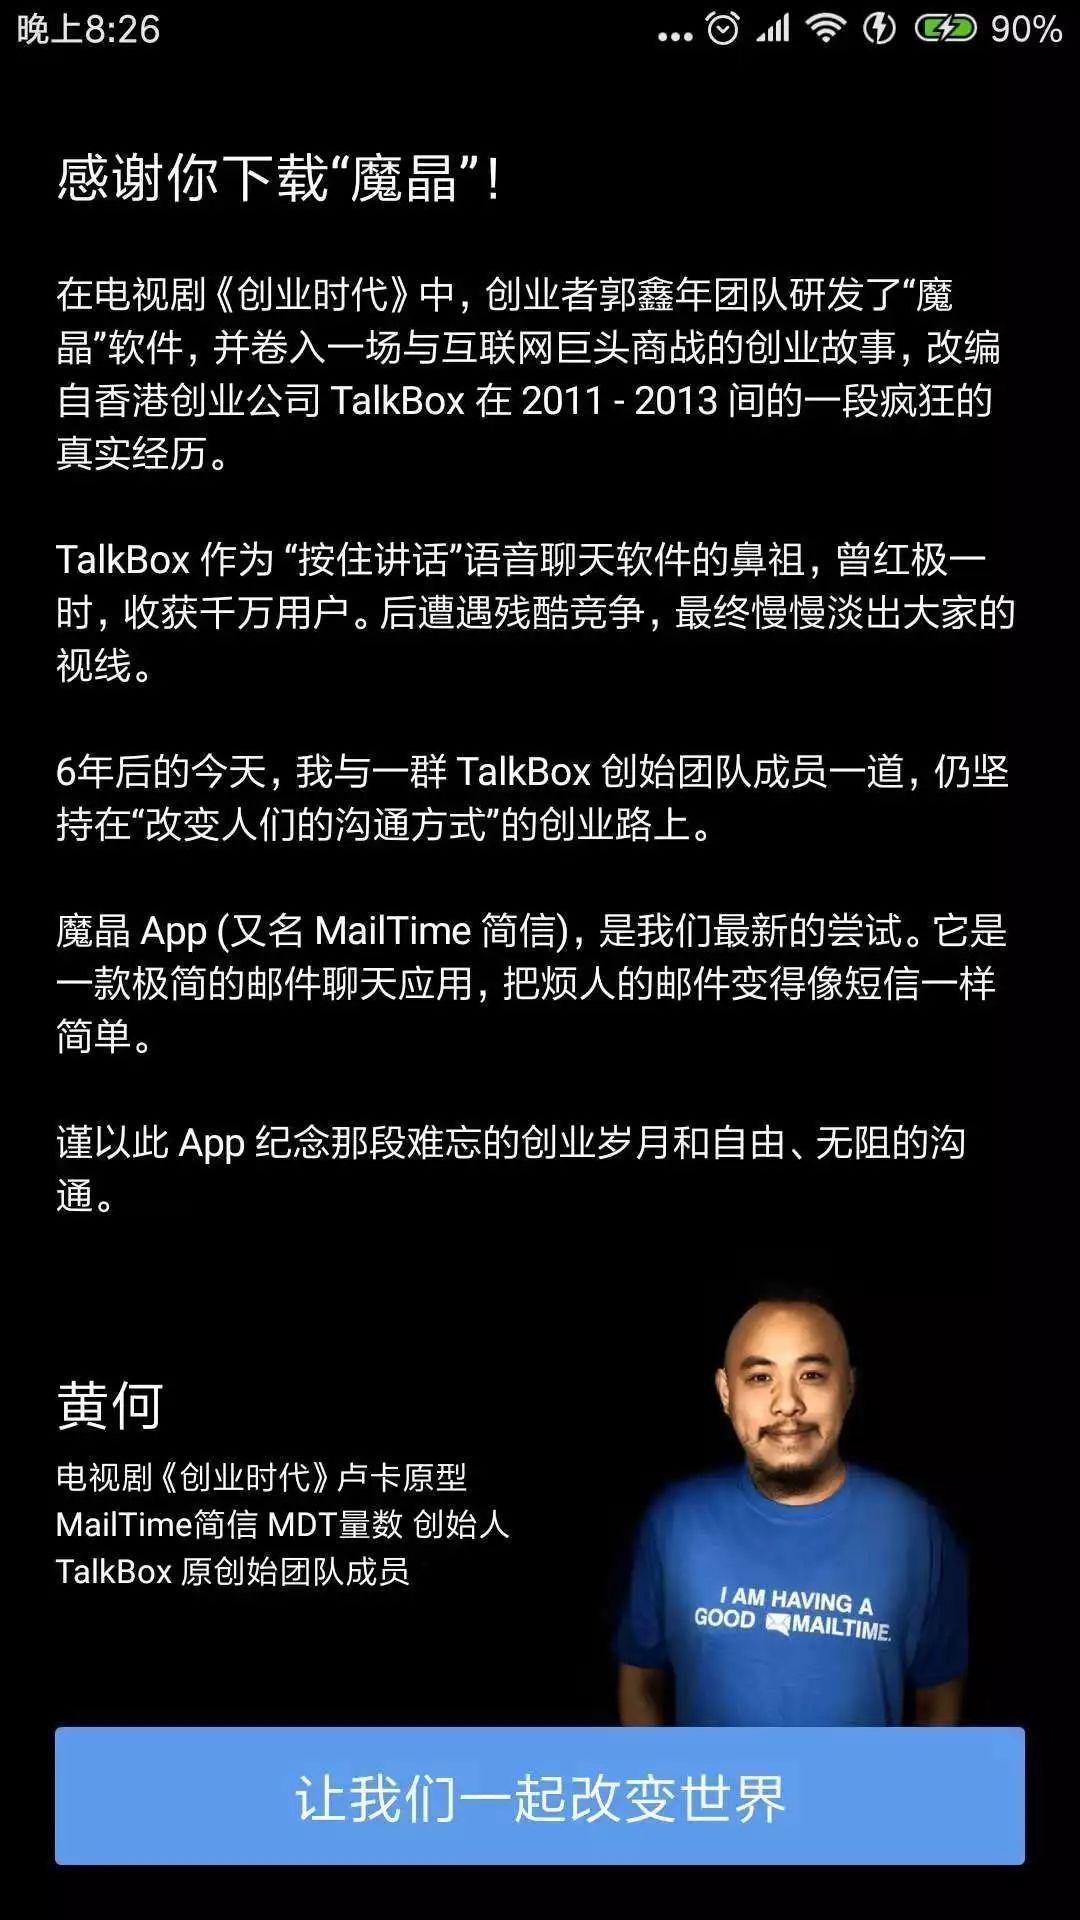 互联网创业遇到《创业时代》:人物乔布斯,剧情罗永浩